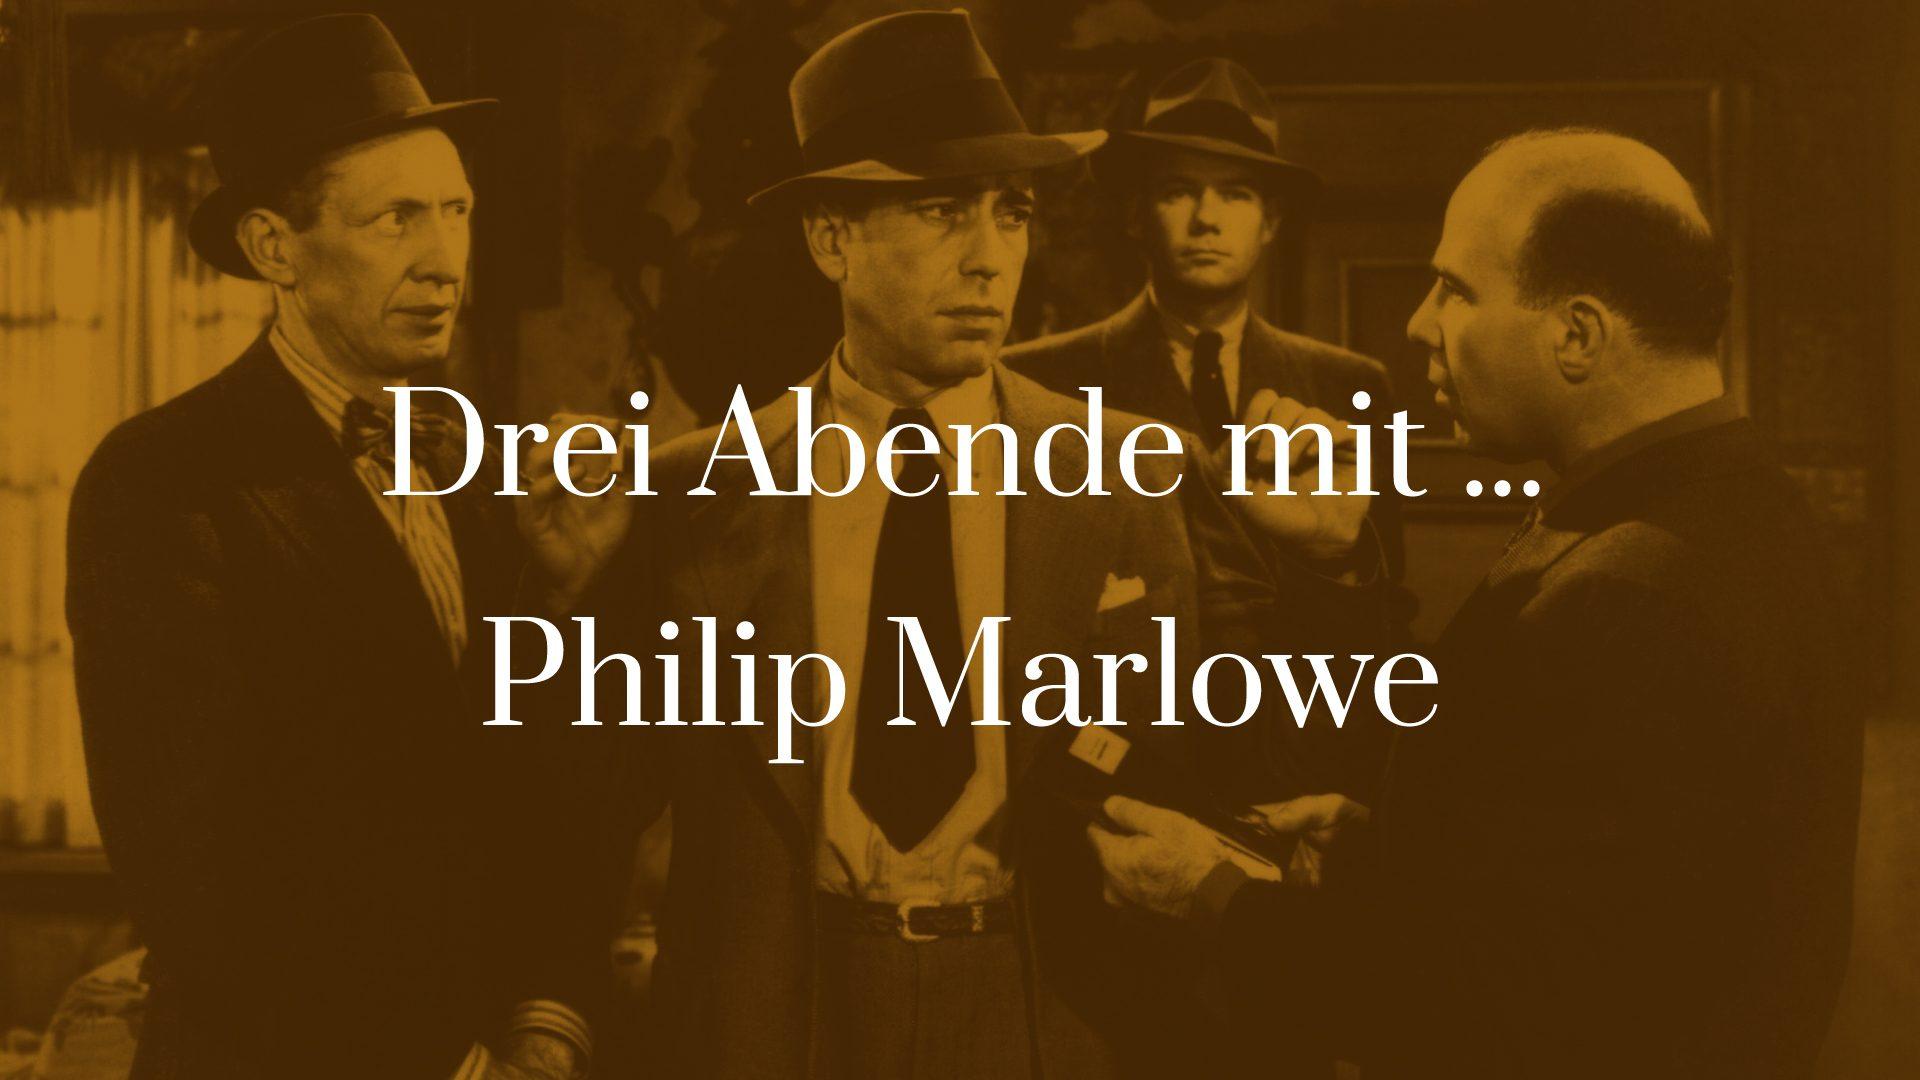 Symbolbild zu Drei Abende mit ... Philip Marlowe